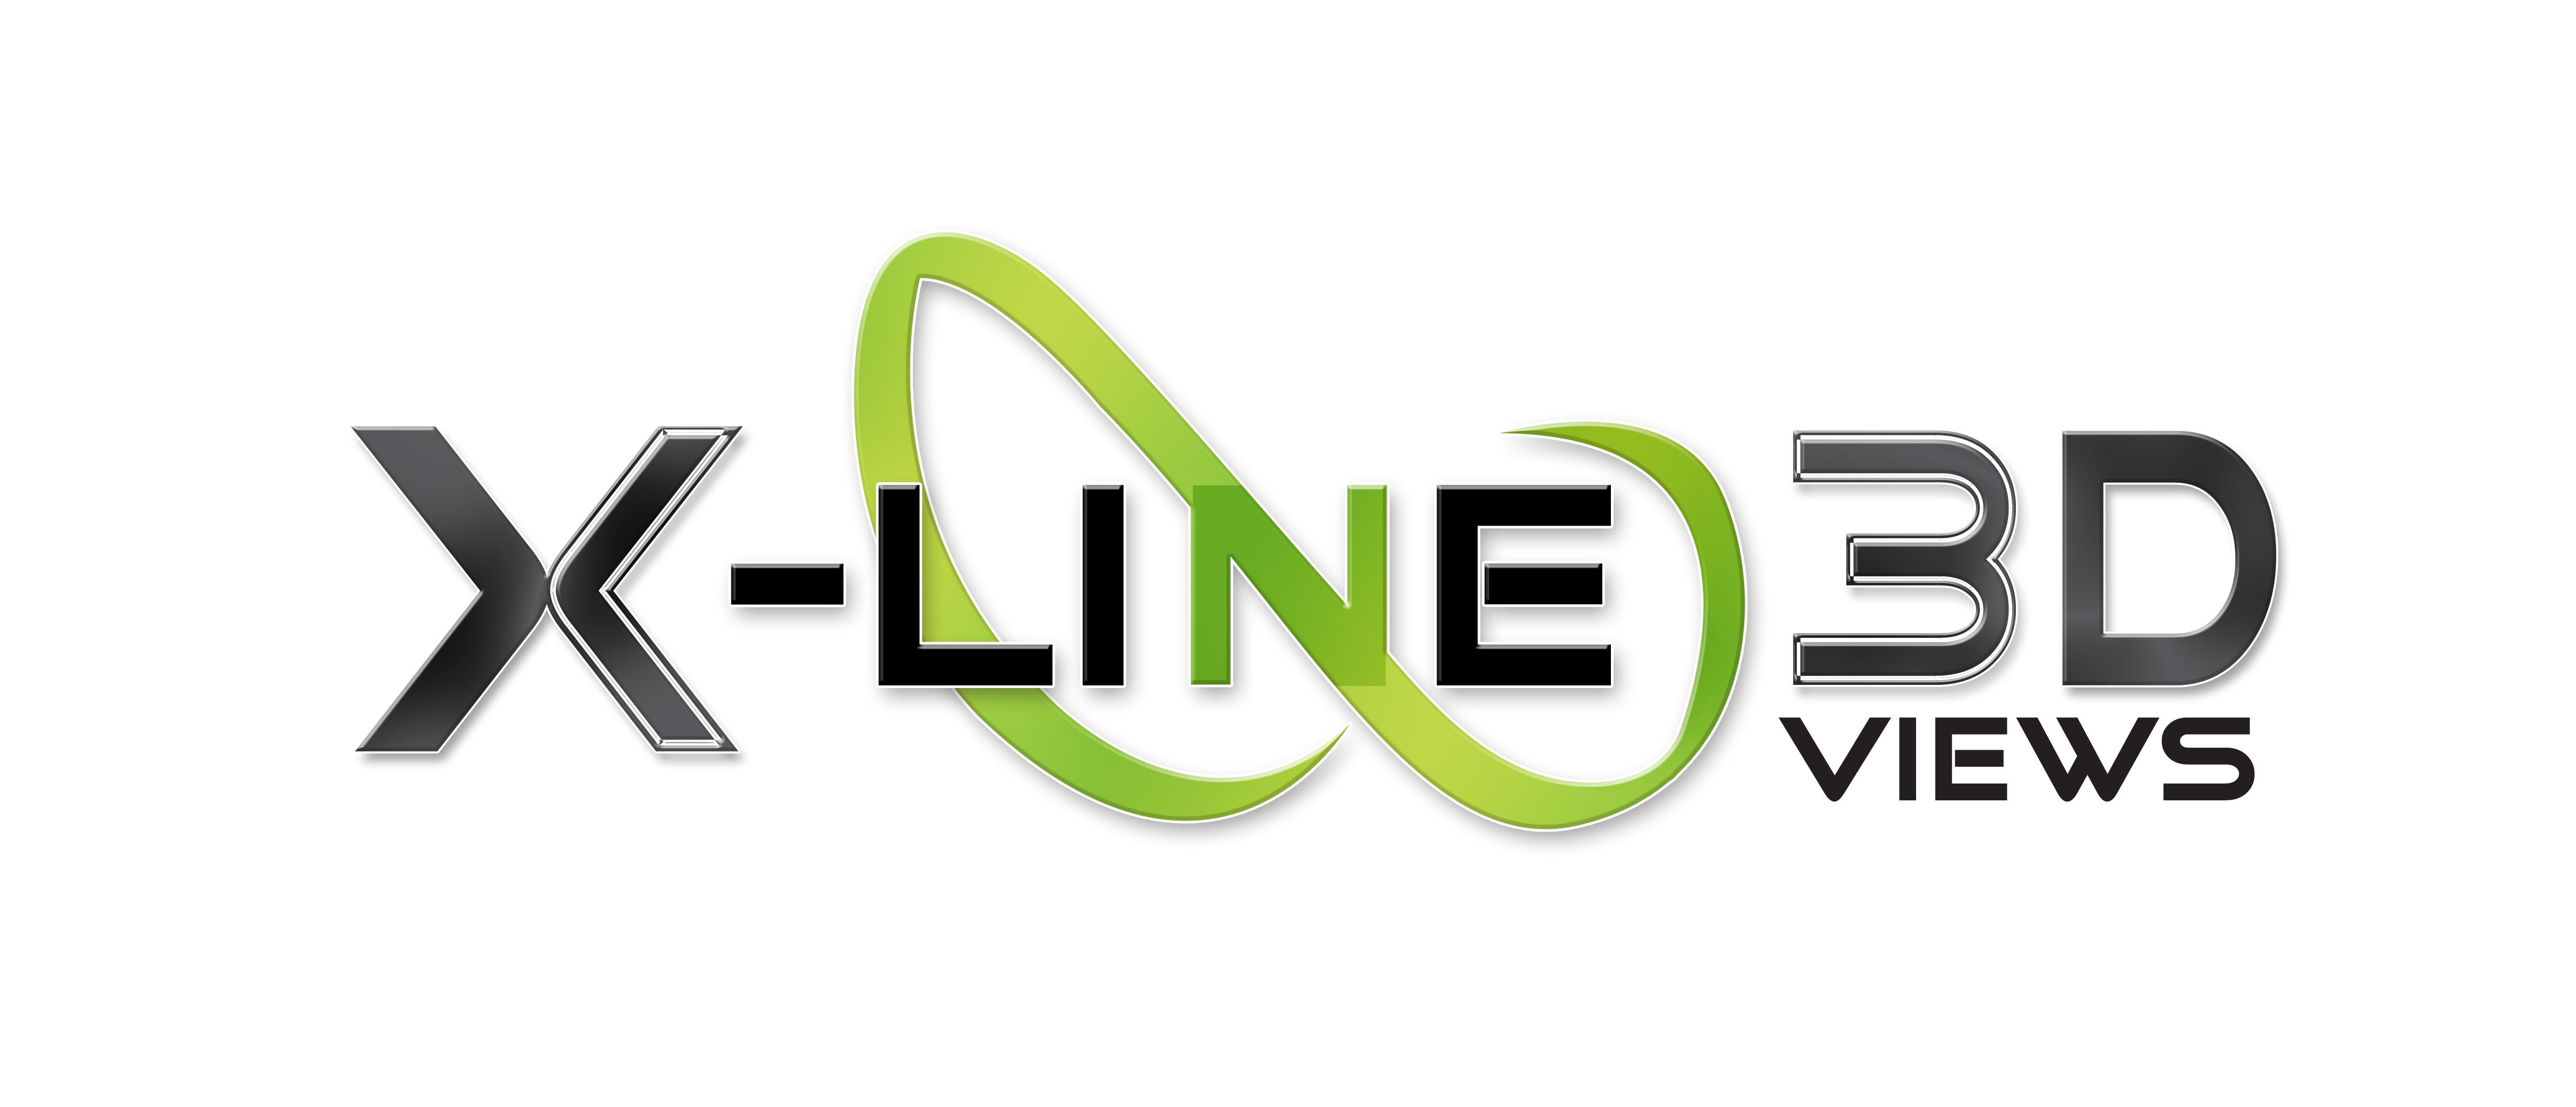 Xline 3d views